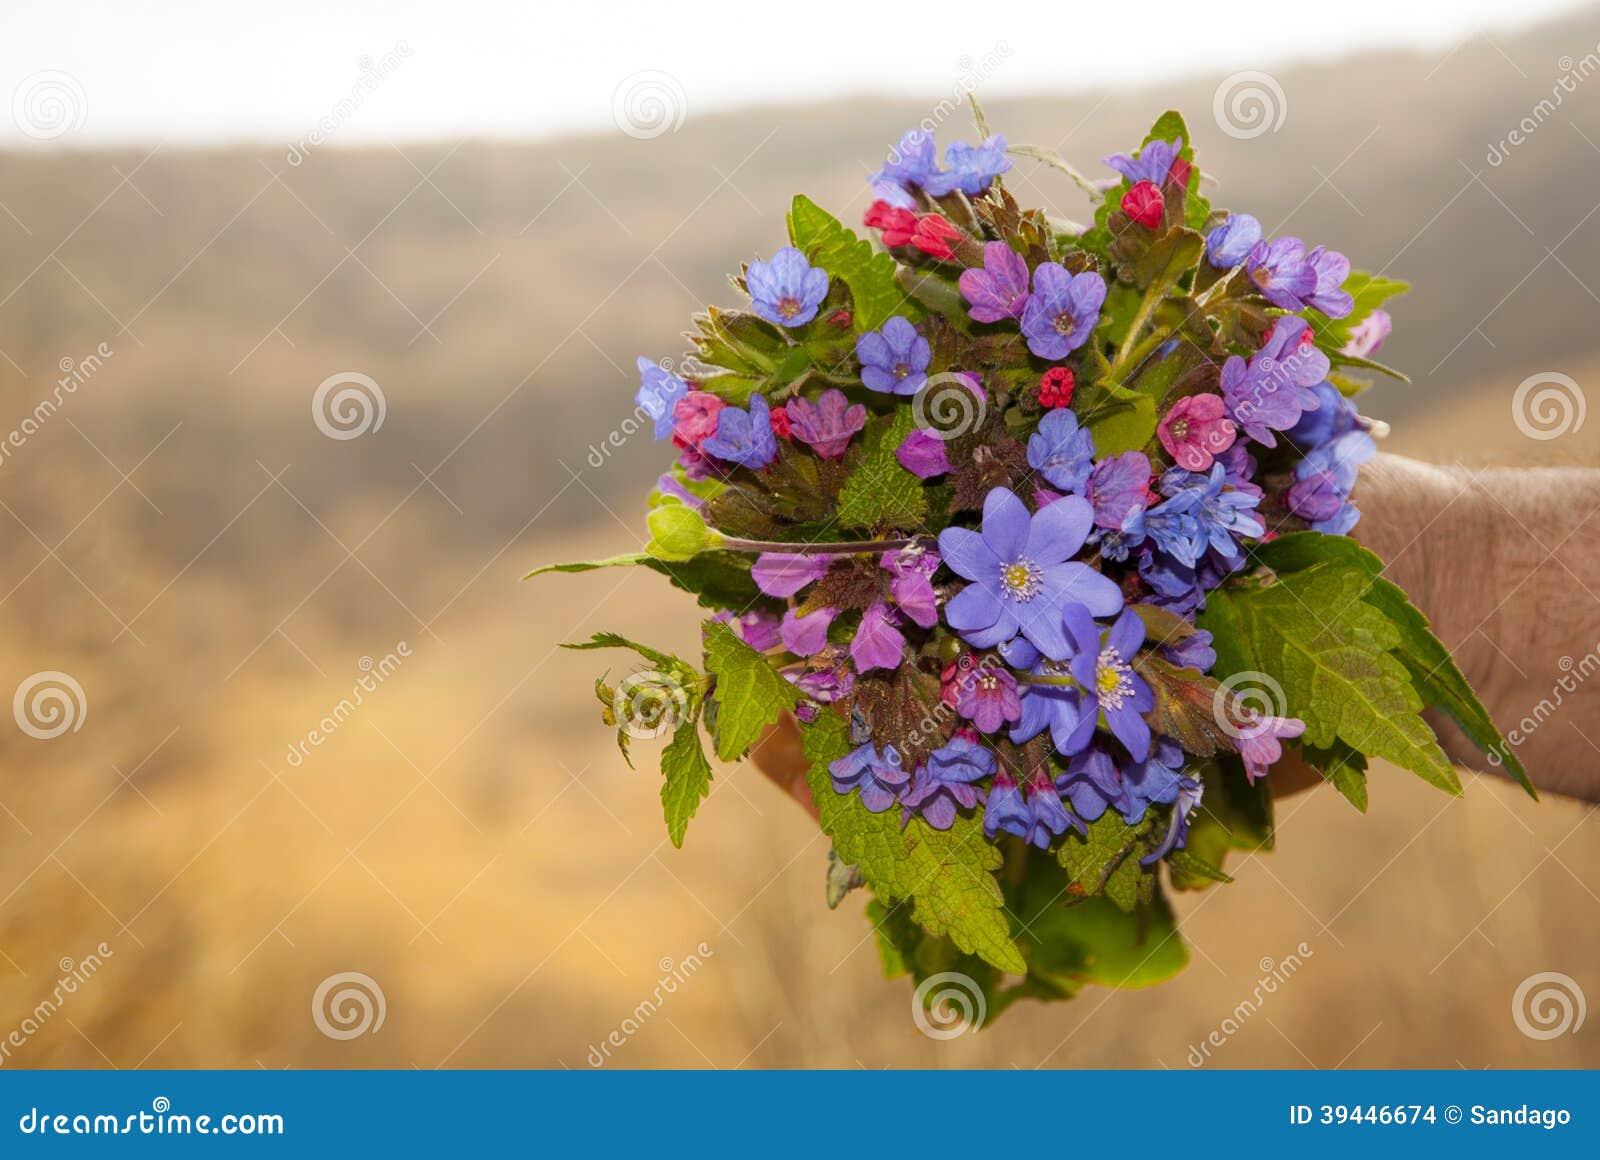 Bouquet de fleurs sauvages photo stock image du image 39446674 - Bouquet de fleurs sauvages ...